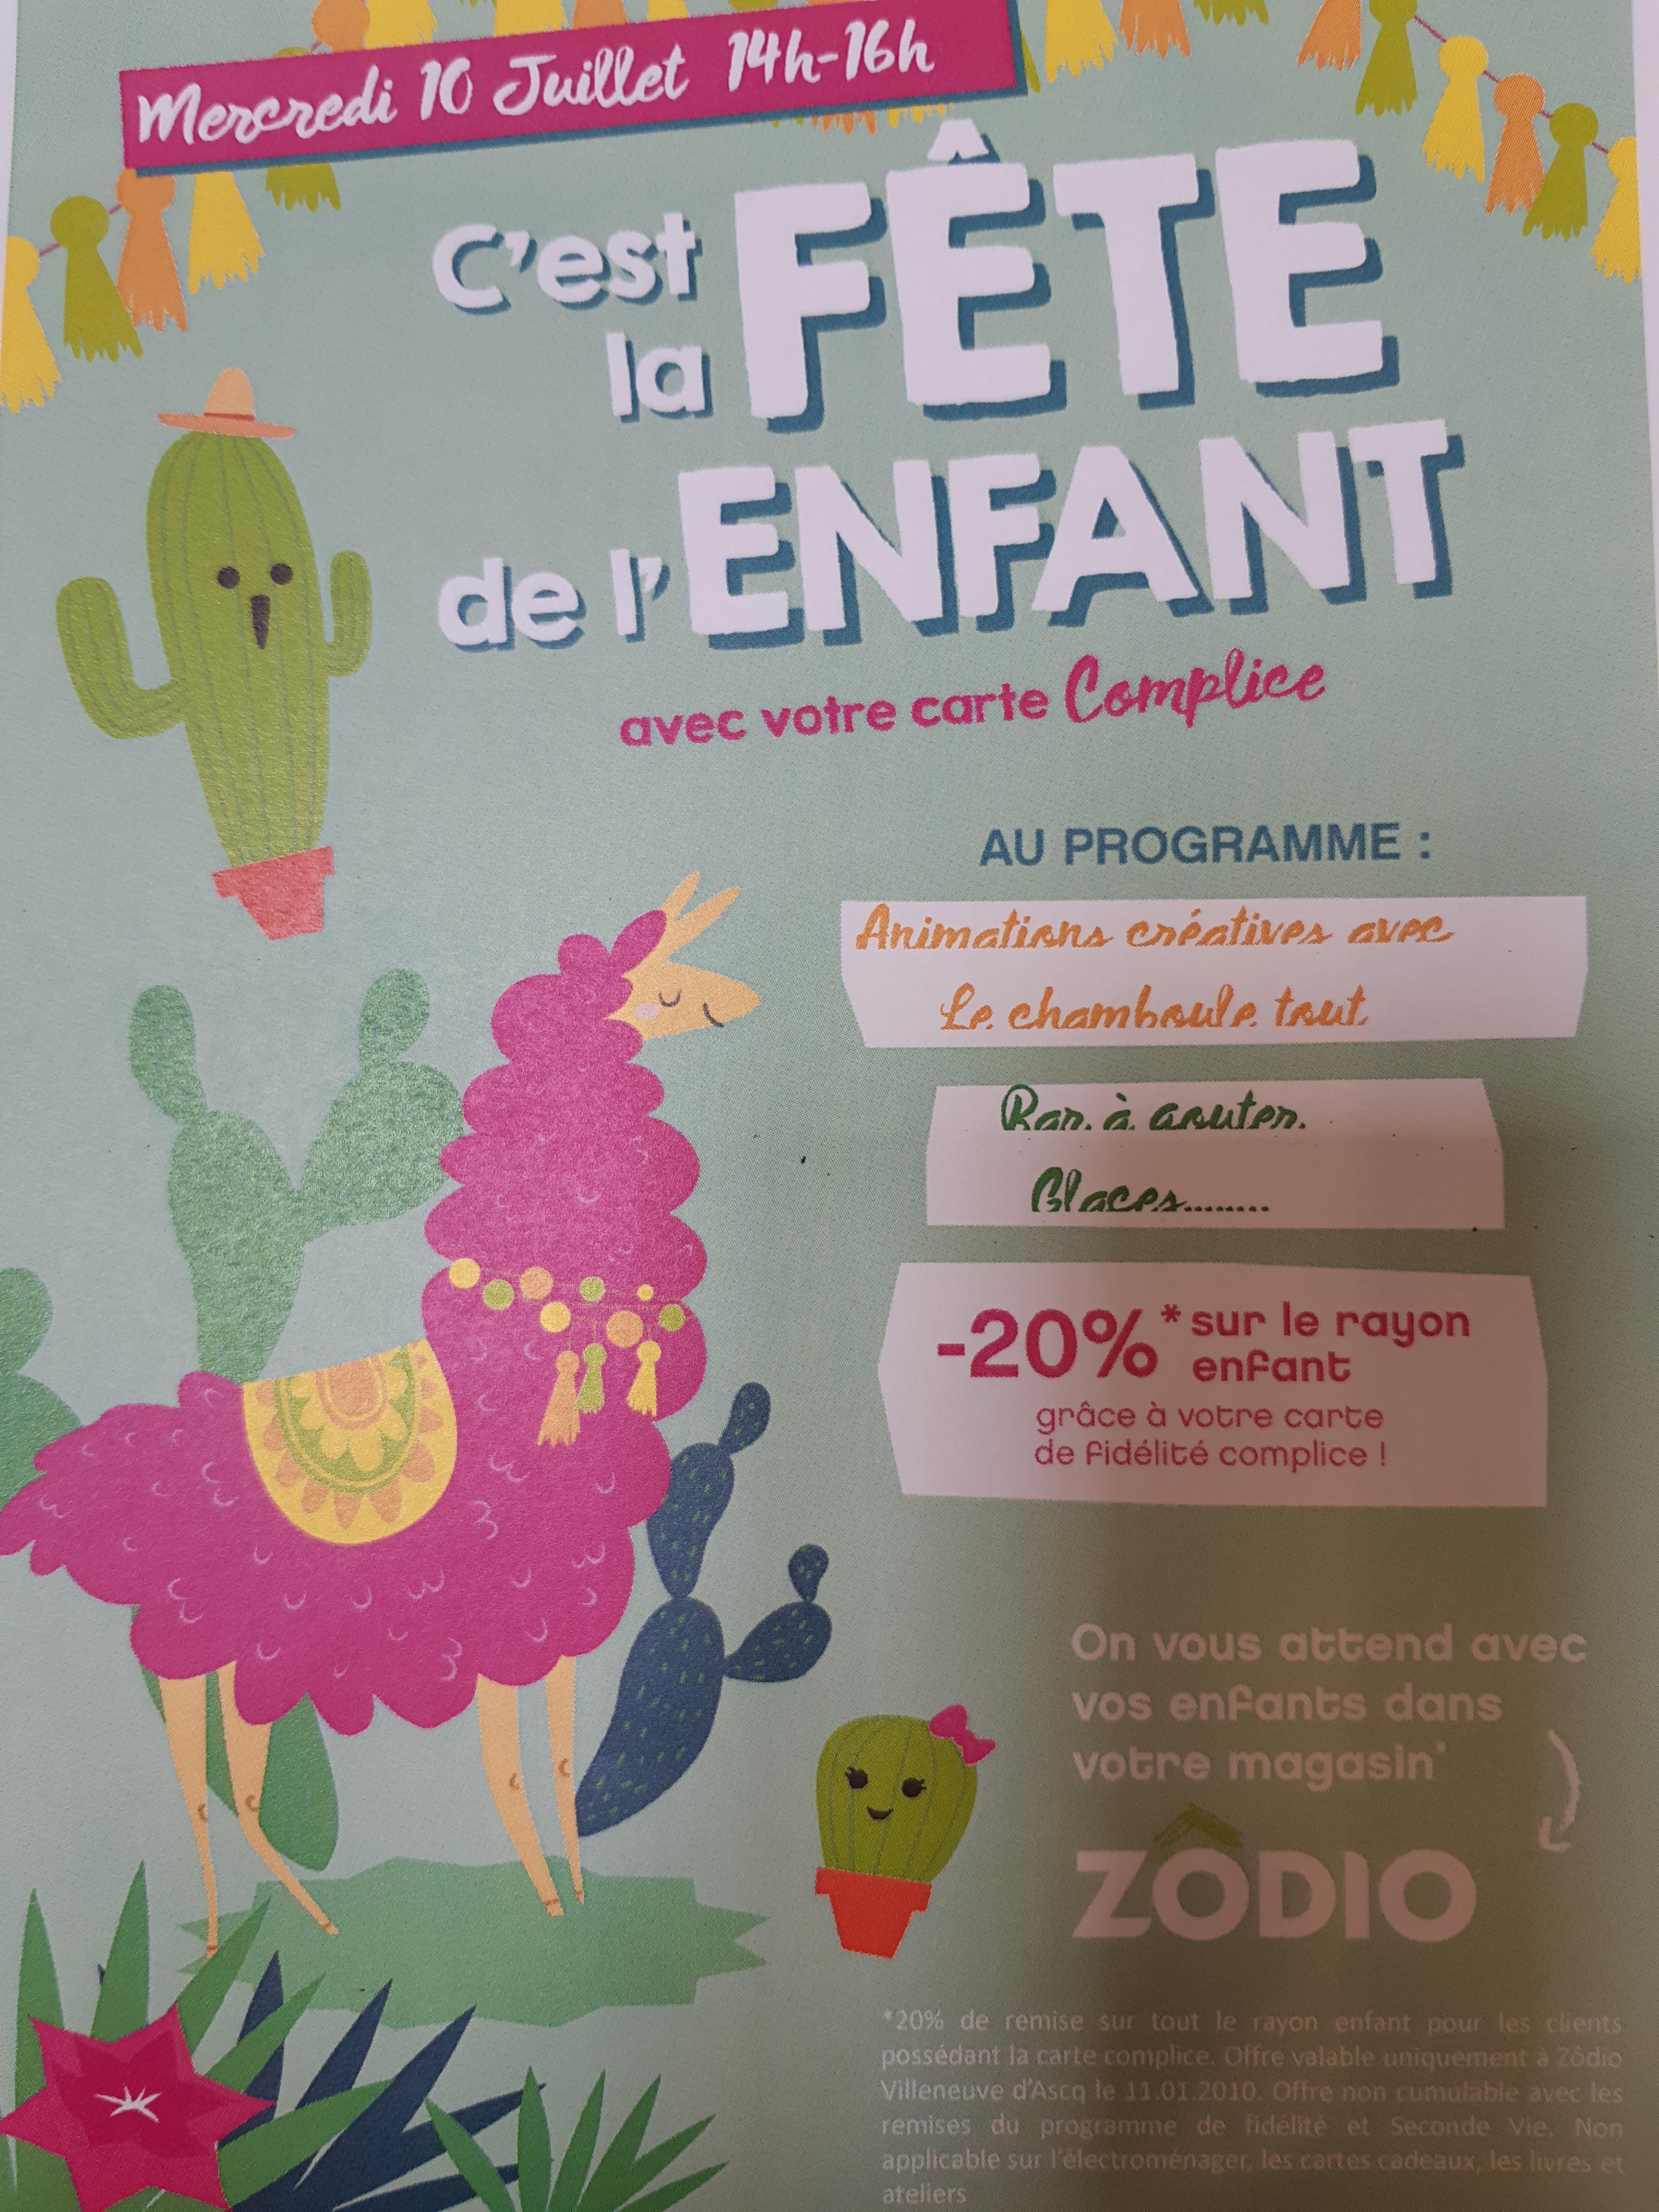 La fête de l'enfant le Mercredi 10 Juillet de 14h à 16h!!!!!!